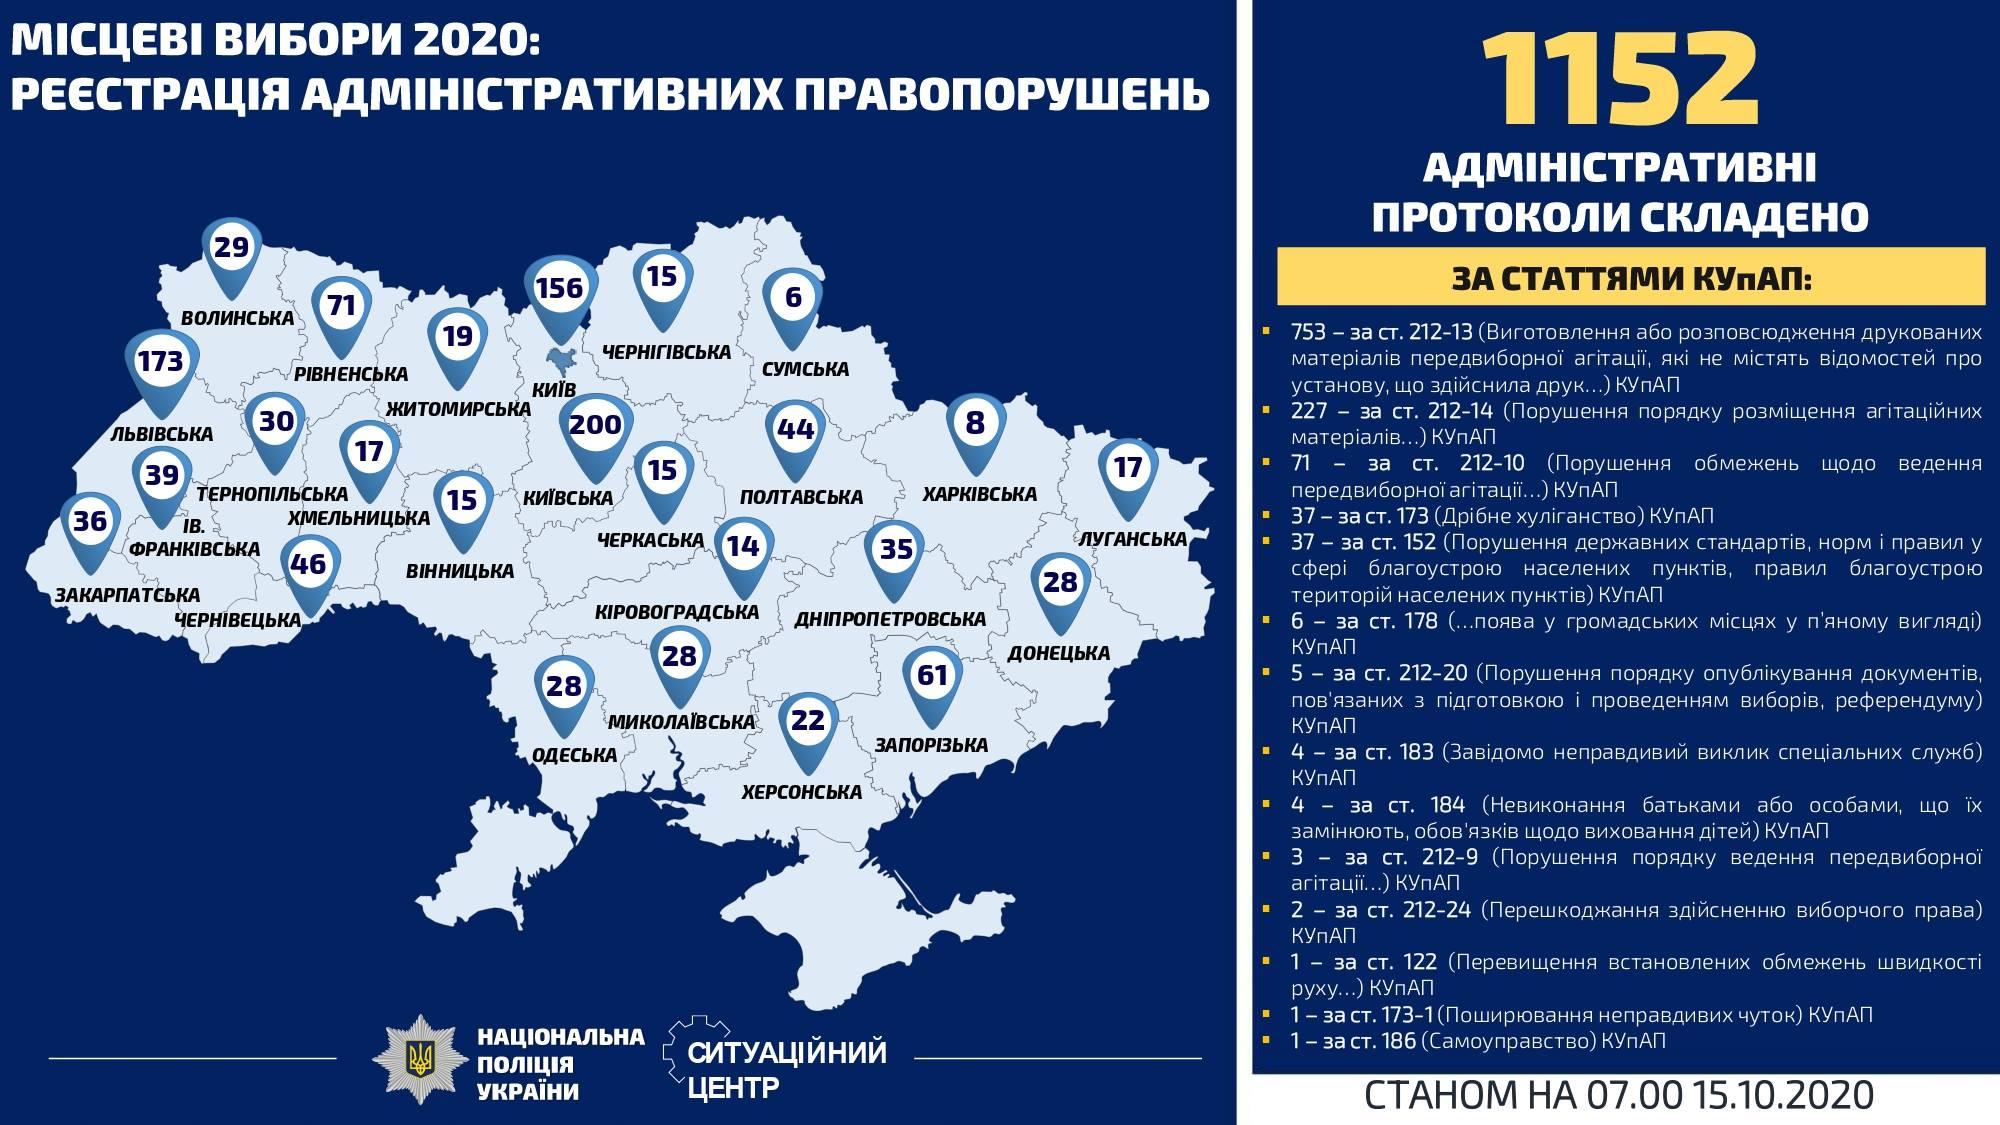 Адмінпротоколи - вибори 2020